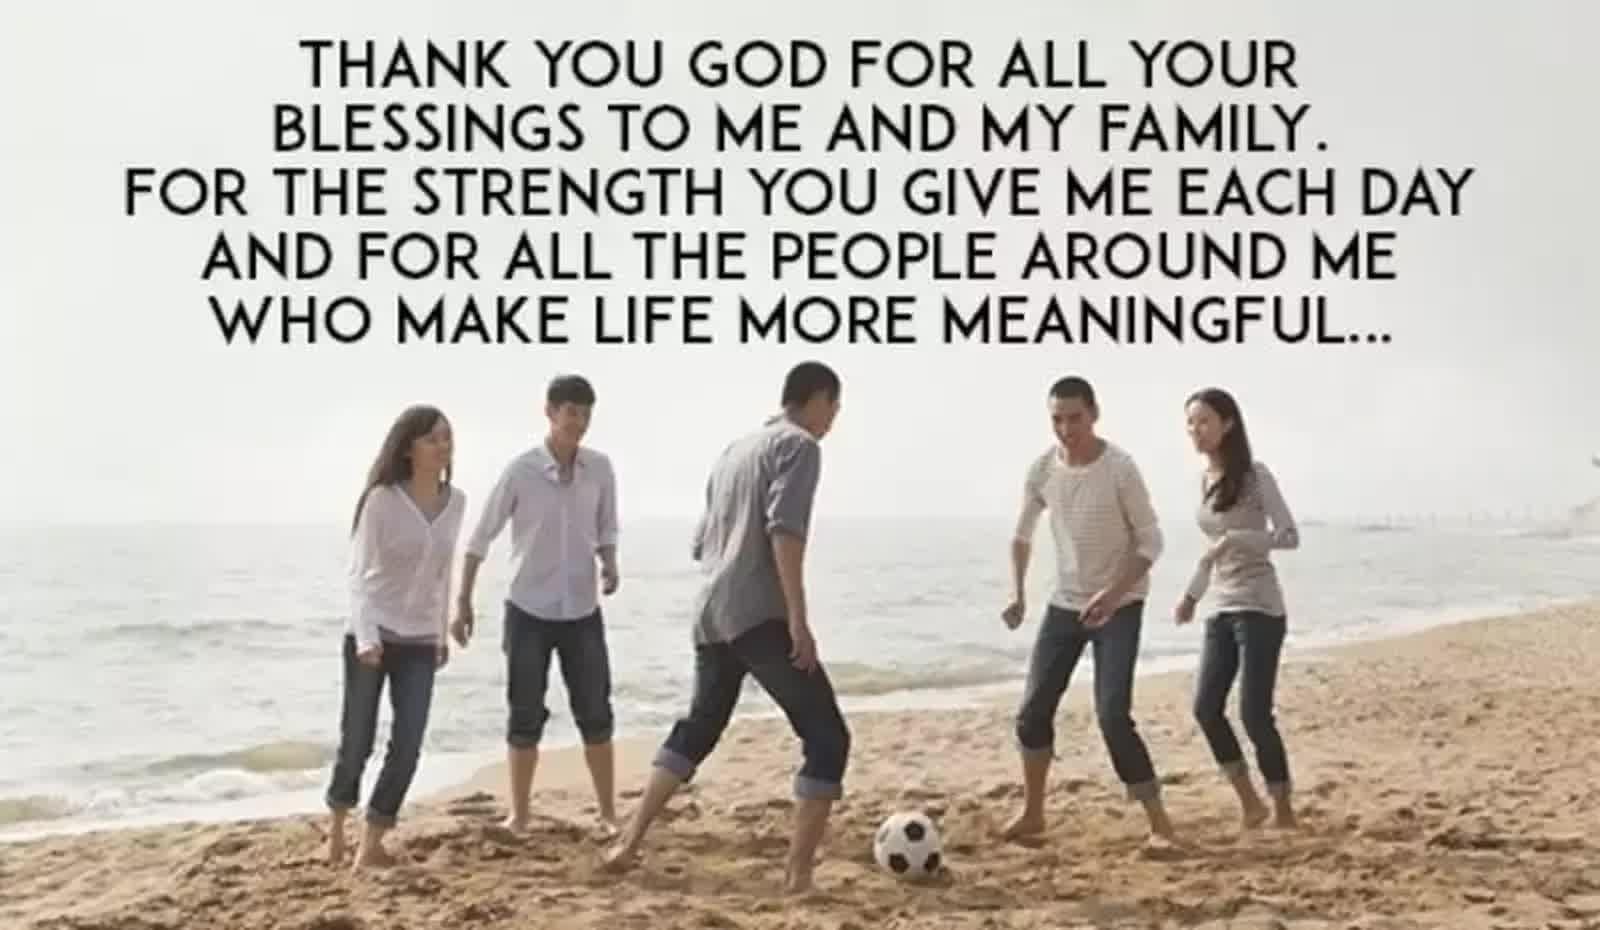 short thanksgiving prayer for family